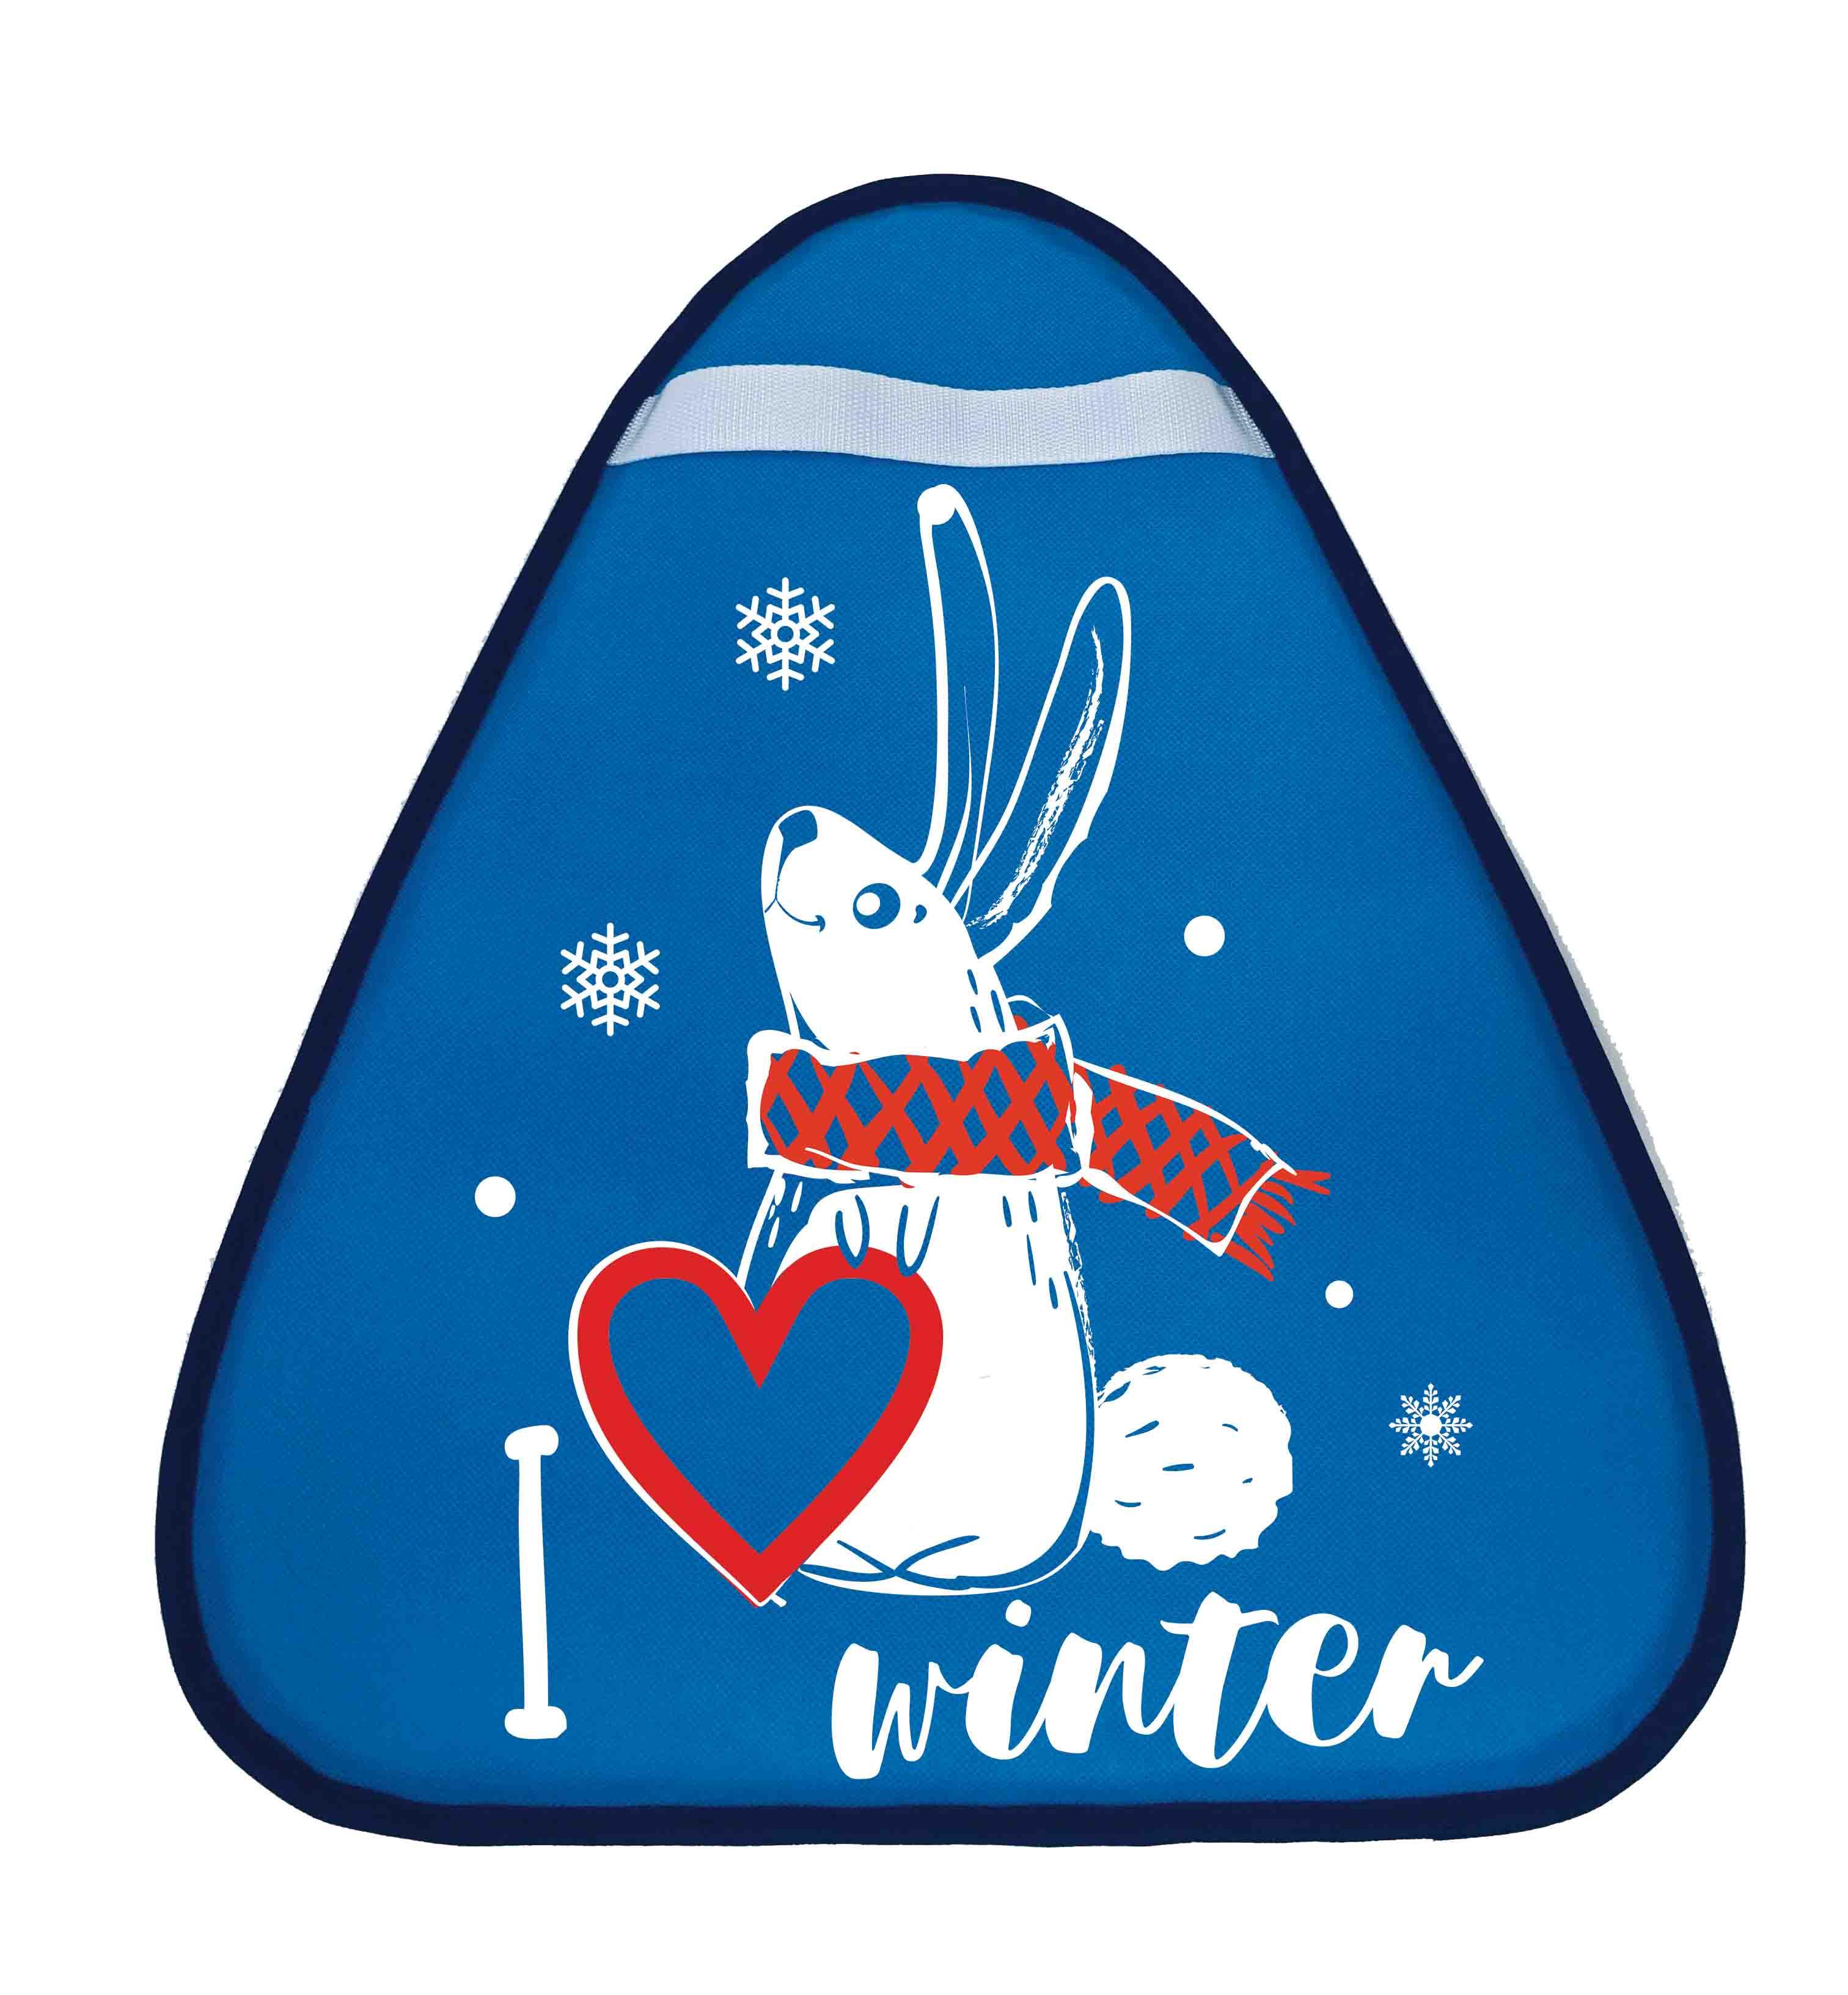 Купить Сани-ледянка треугольная – Зайчик, голубой, 42х48 см, RT